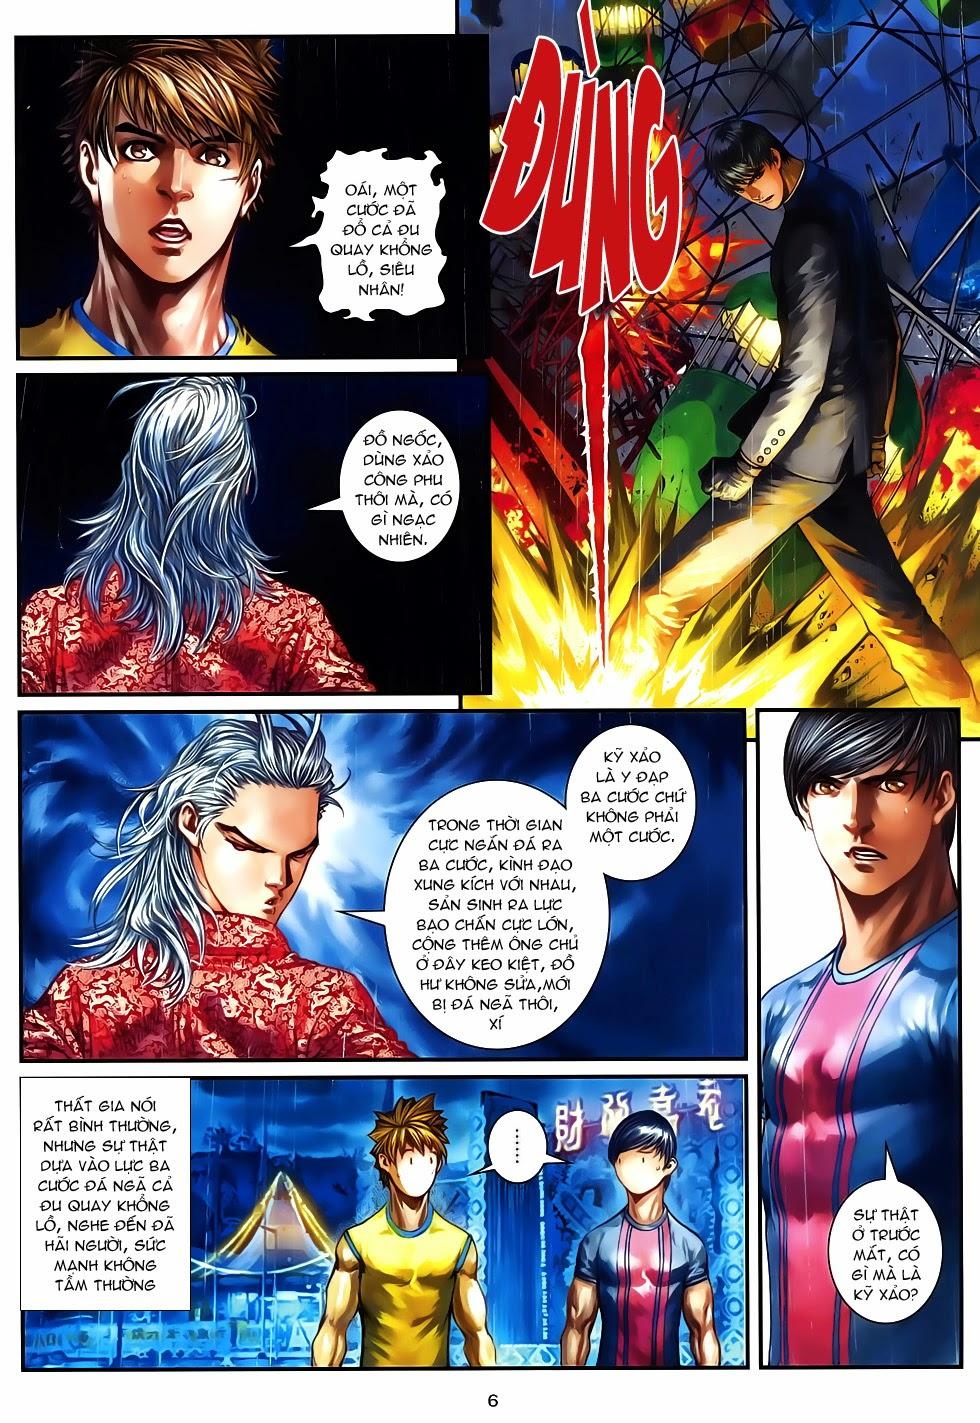 Quyền Đạo chapter 12 - end trang 6